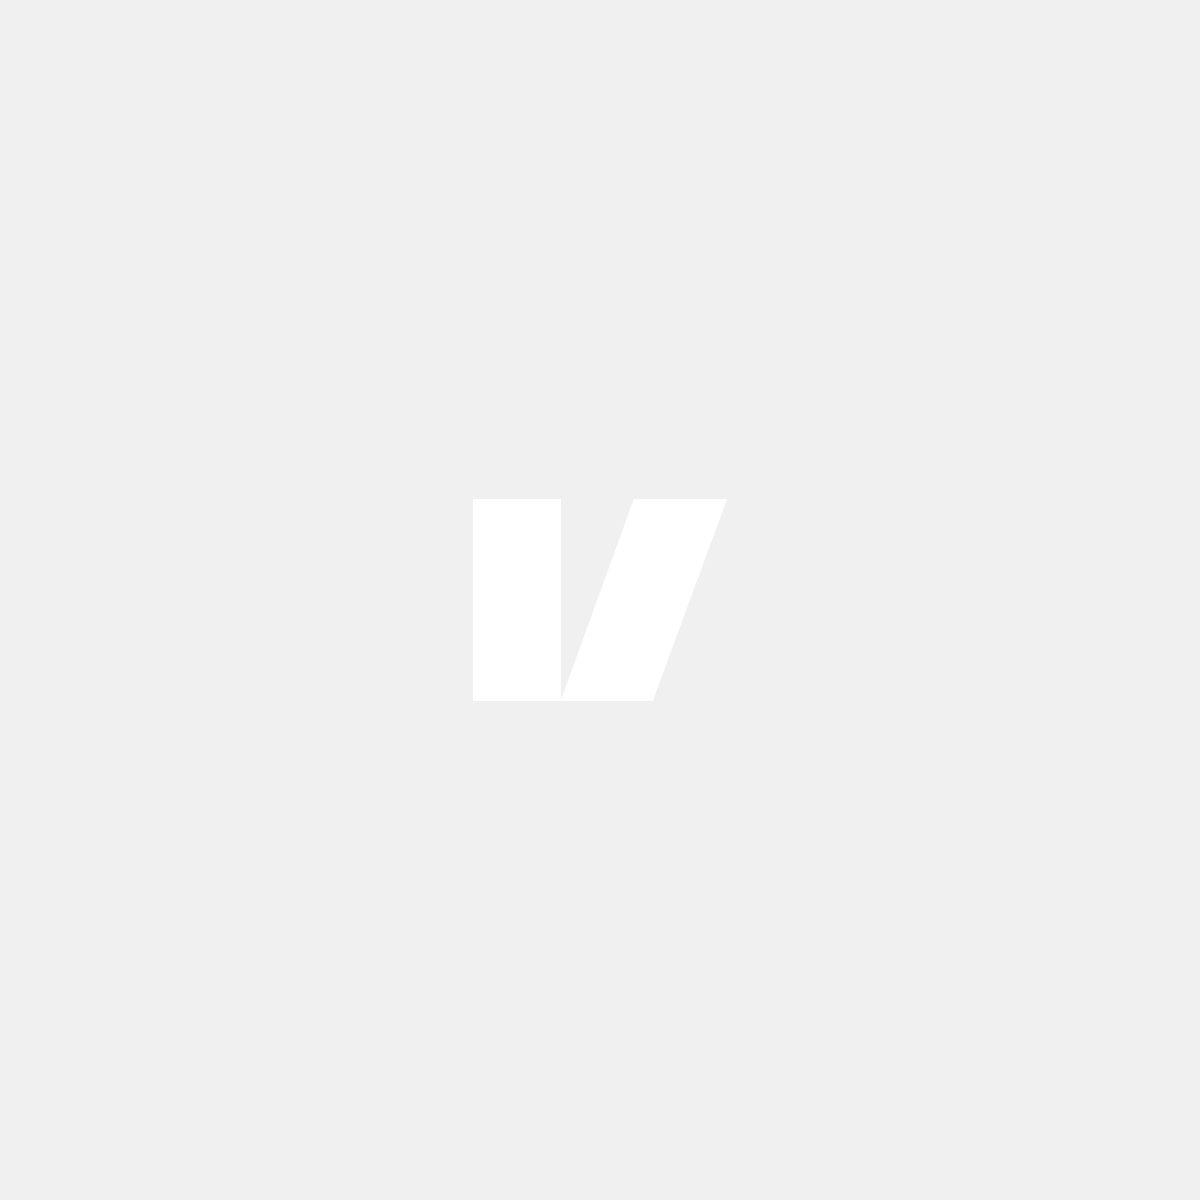 Positionsljus-modifiering bak till Volvo V70, XC70, 08-